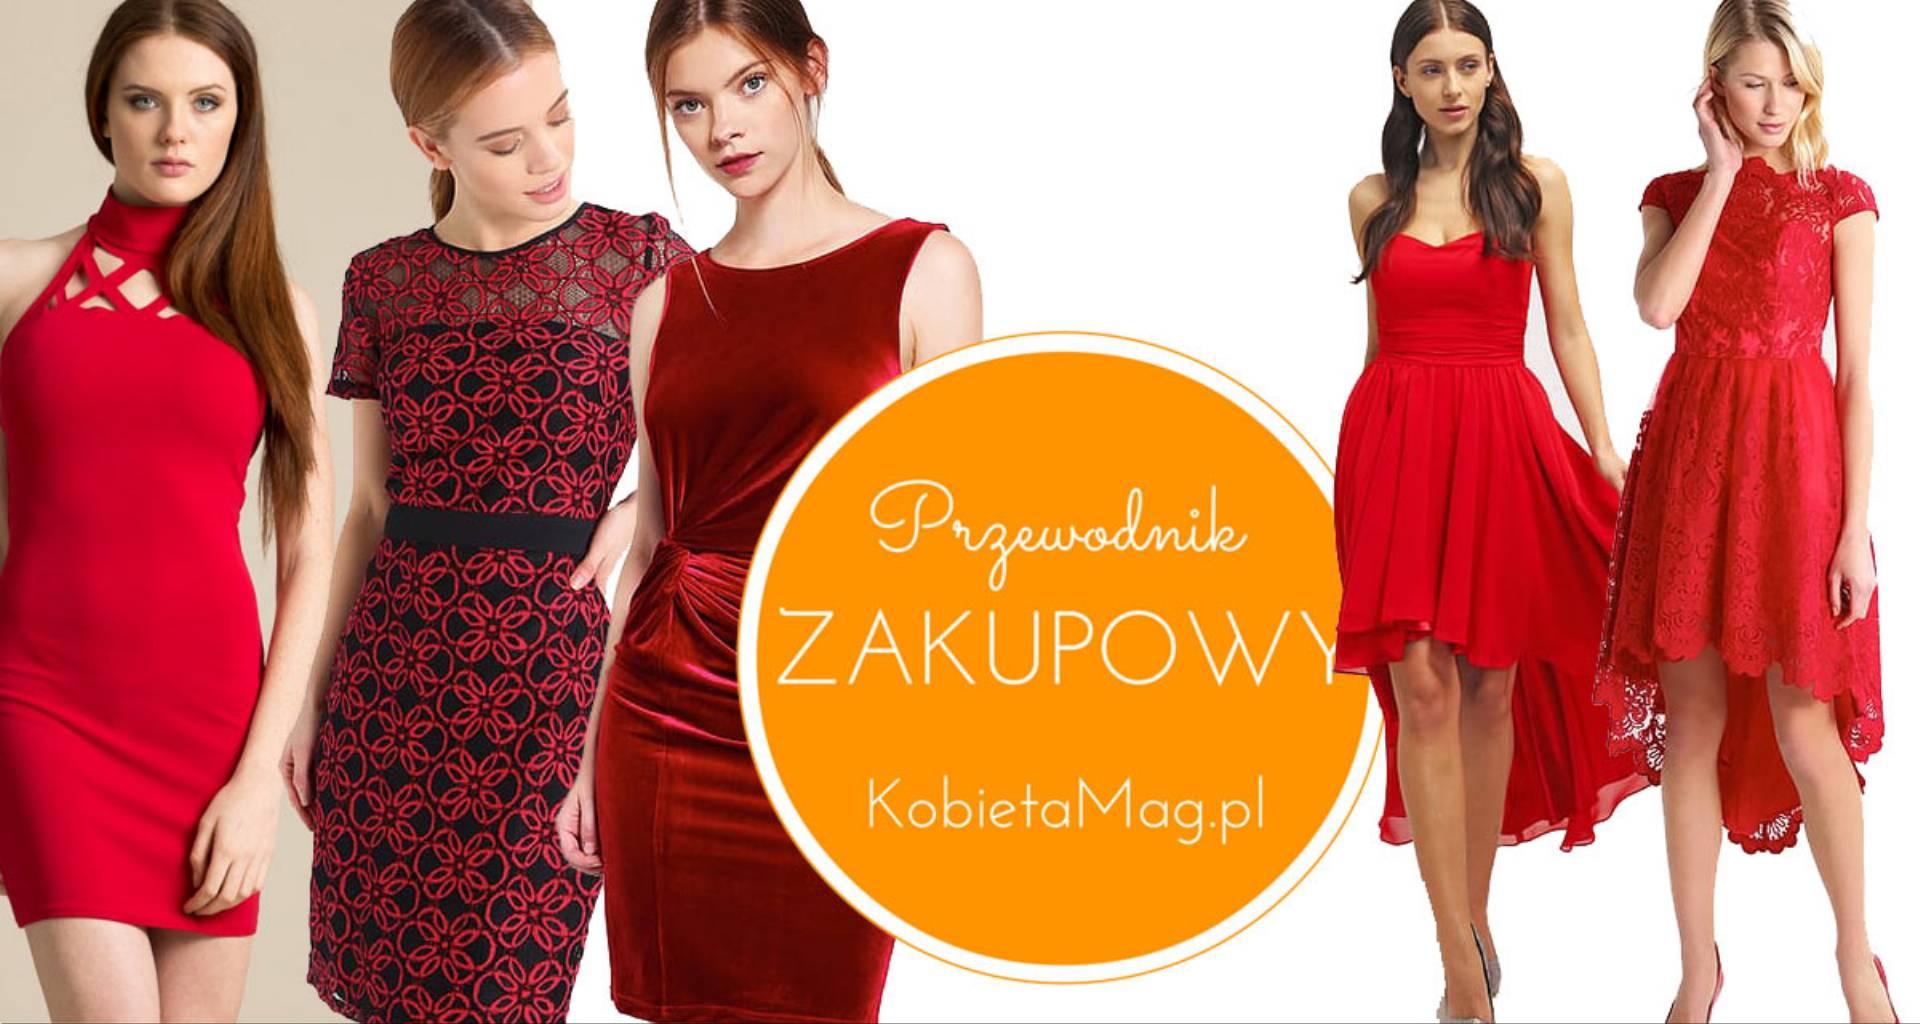 762541bdf9 Shoppingowy przegląd – czerwone sukienki idealne na Walentynki i nie tylko!